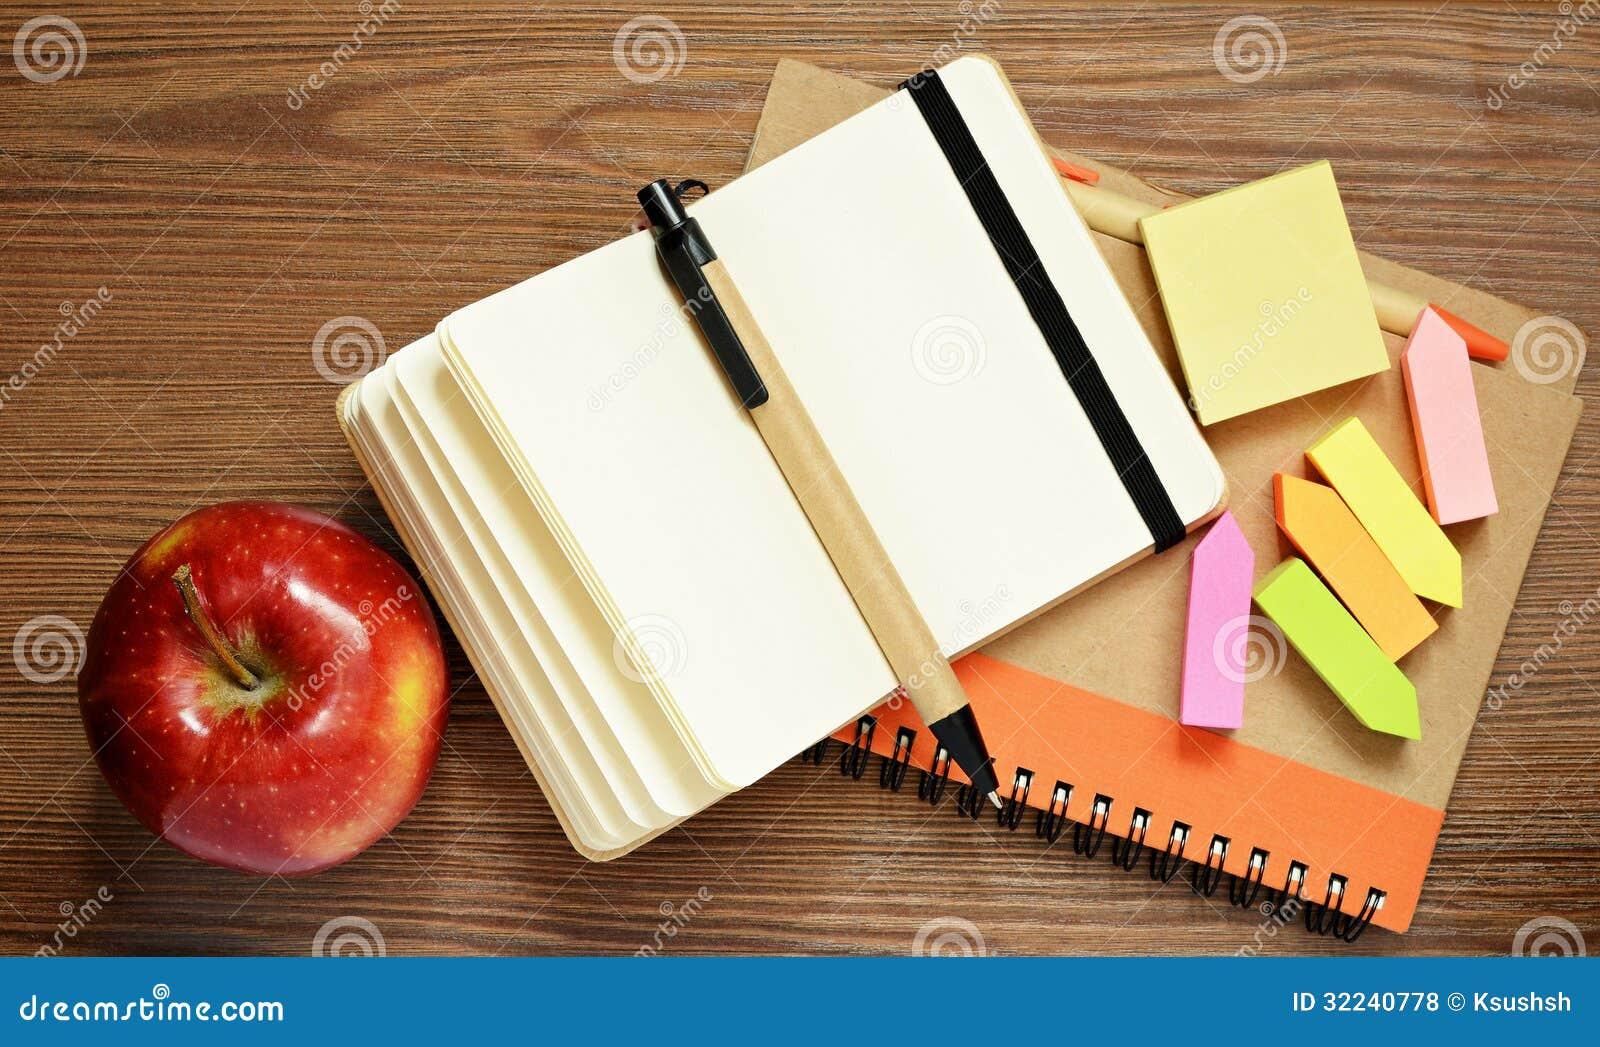 笔记本,笔,贴纸和苹果图片